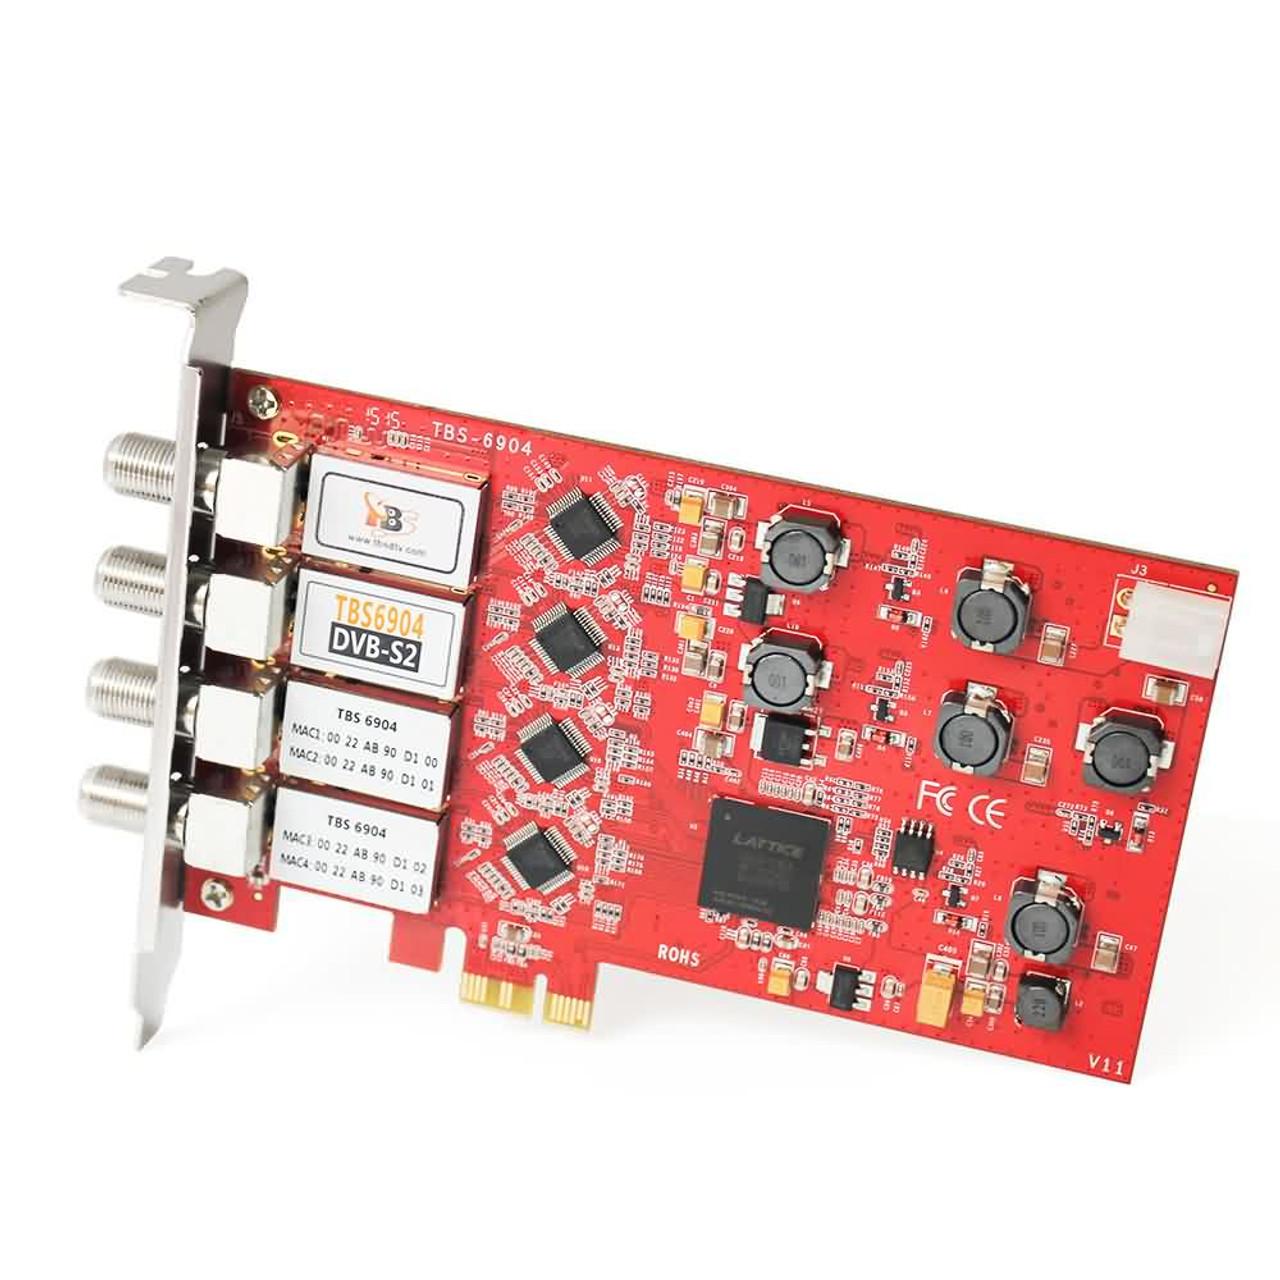 TBS6904 DVB-S2 Quad Tuner PCIe Card